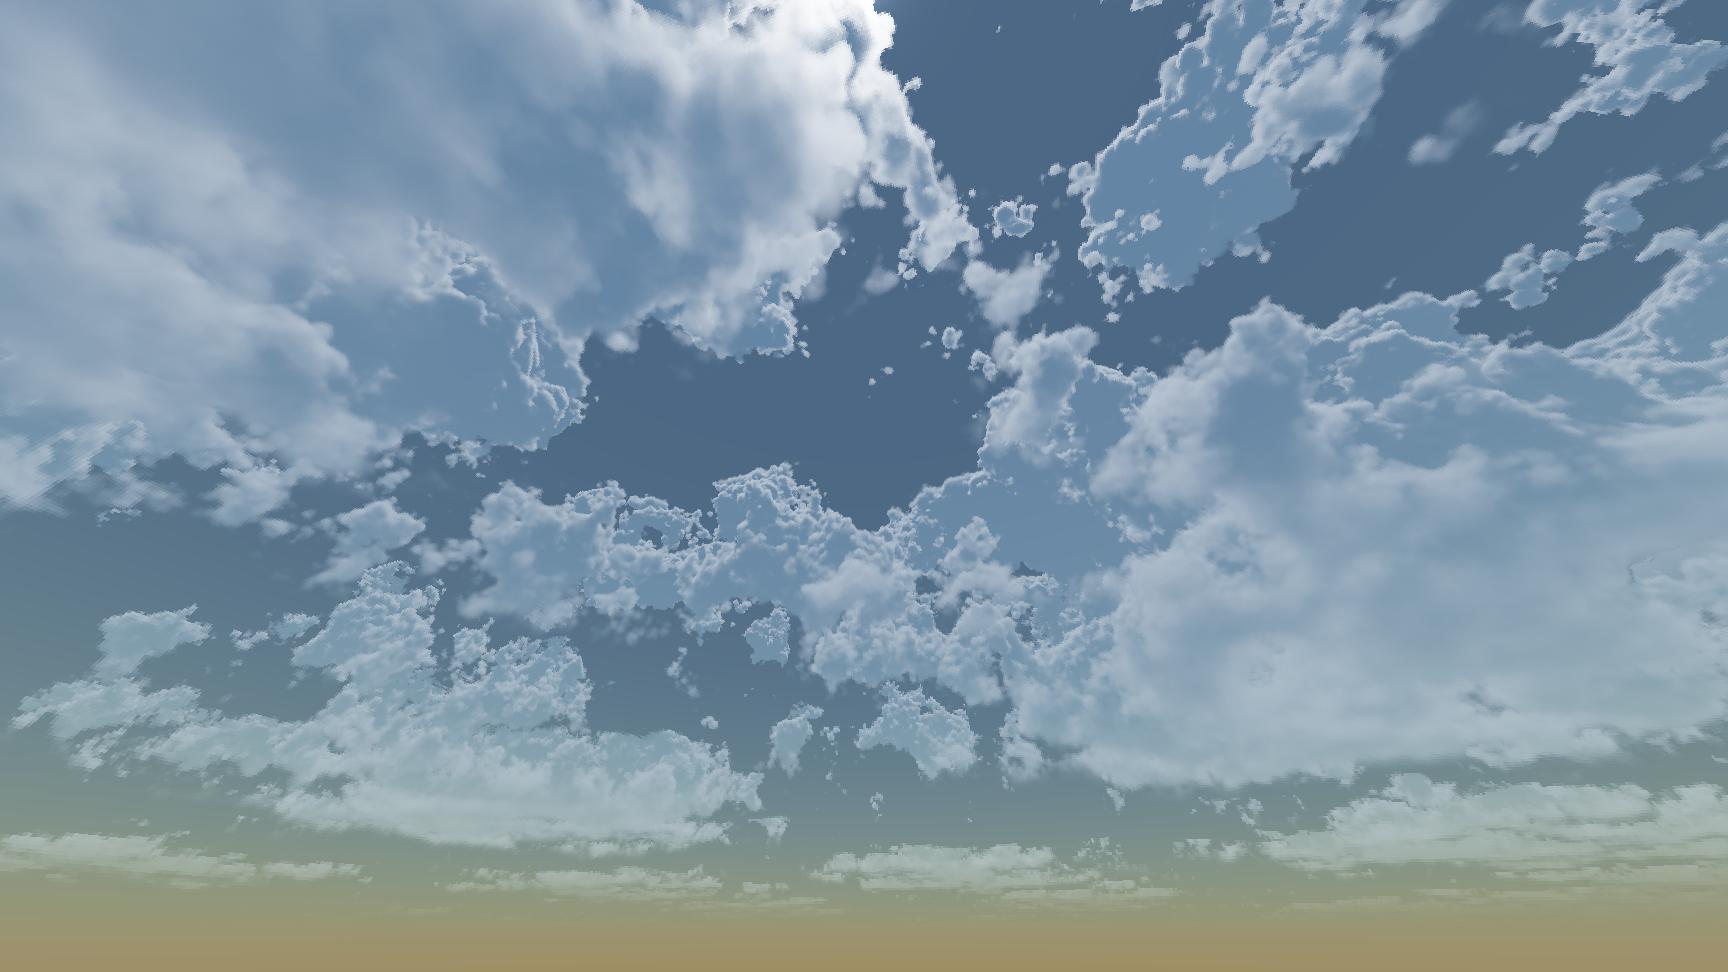 Реализация физически корректных объемных облаков как в игре Horizon Zero Dawn - 75